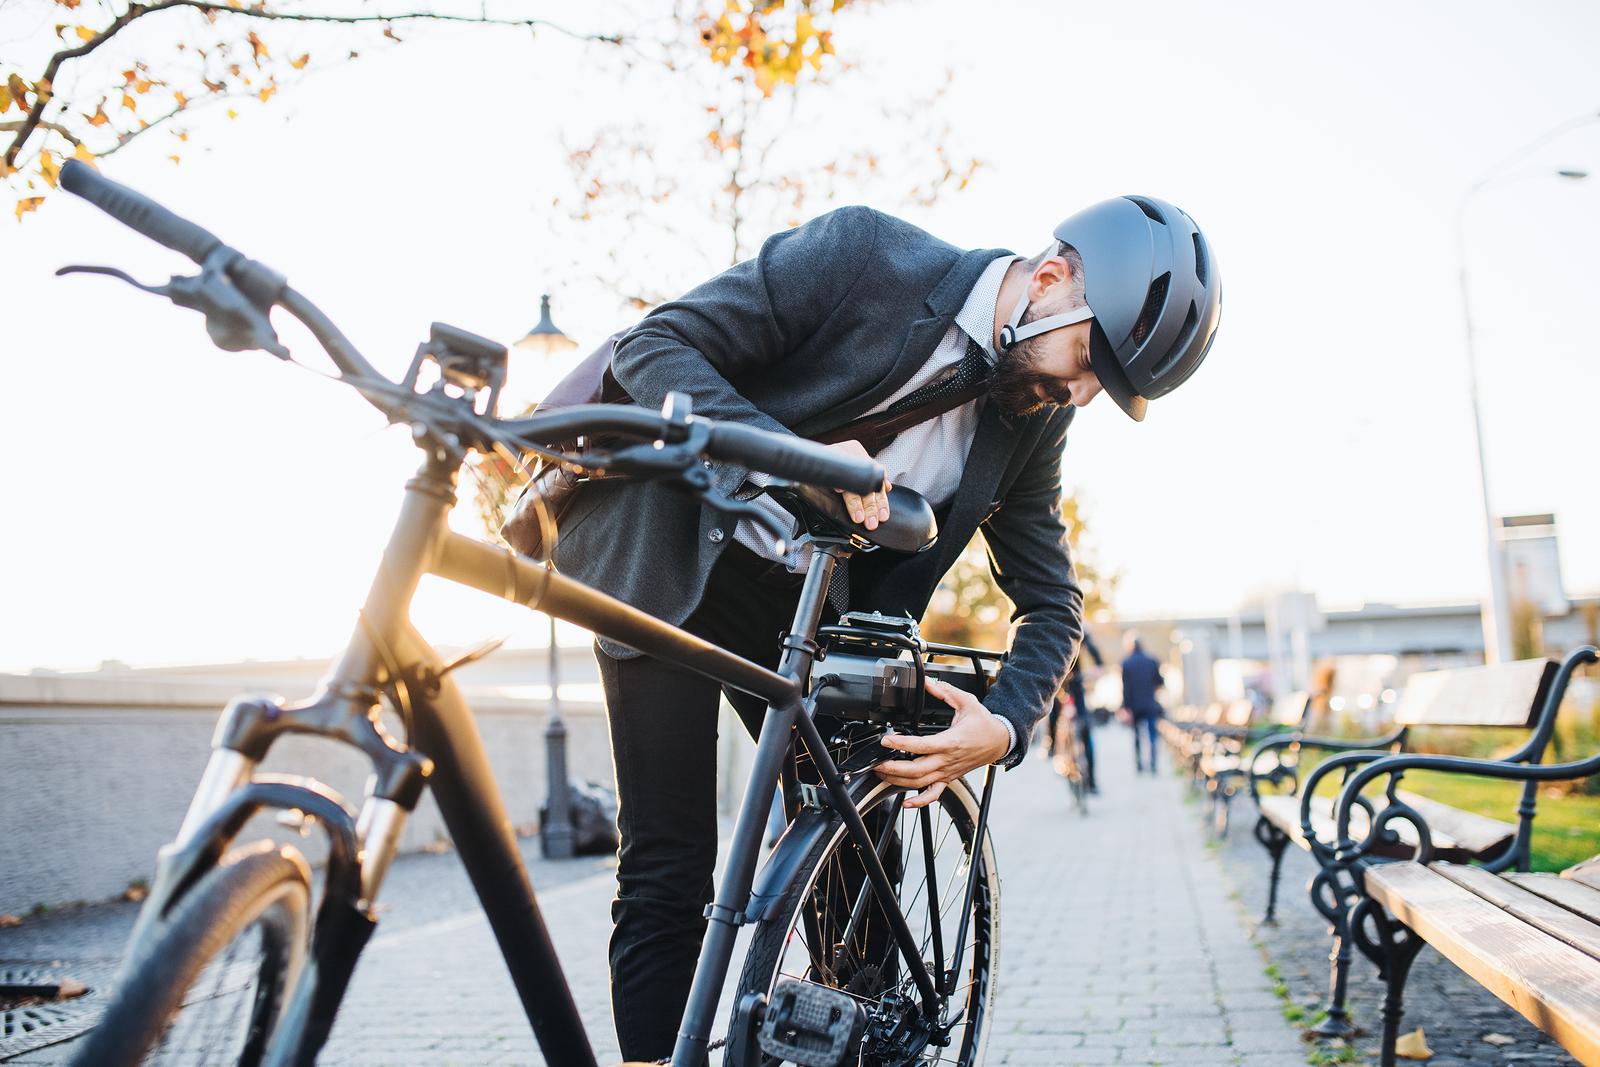 citi bike riders injured